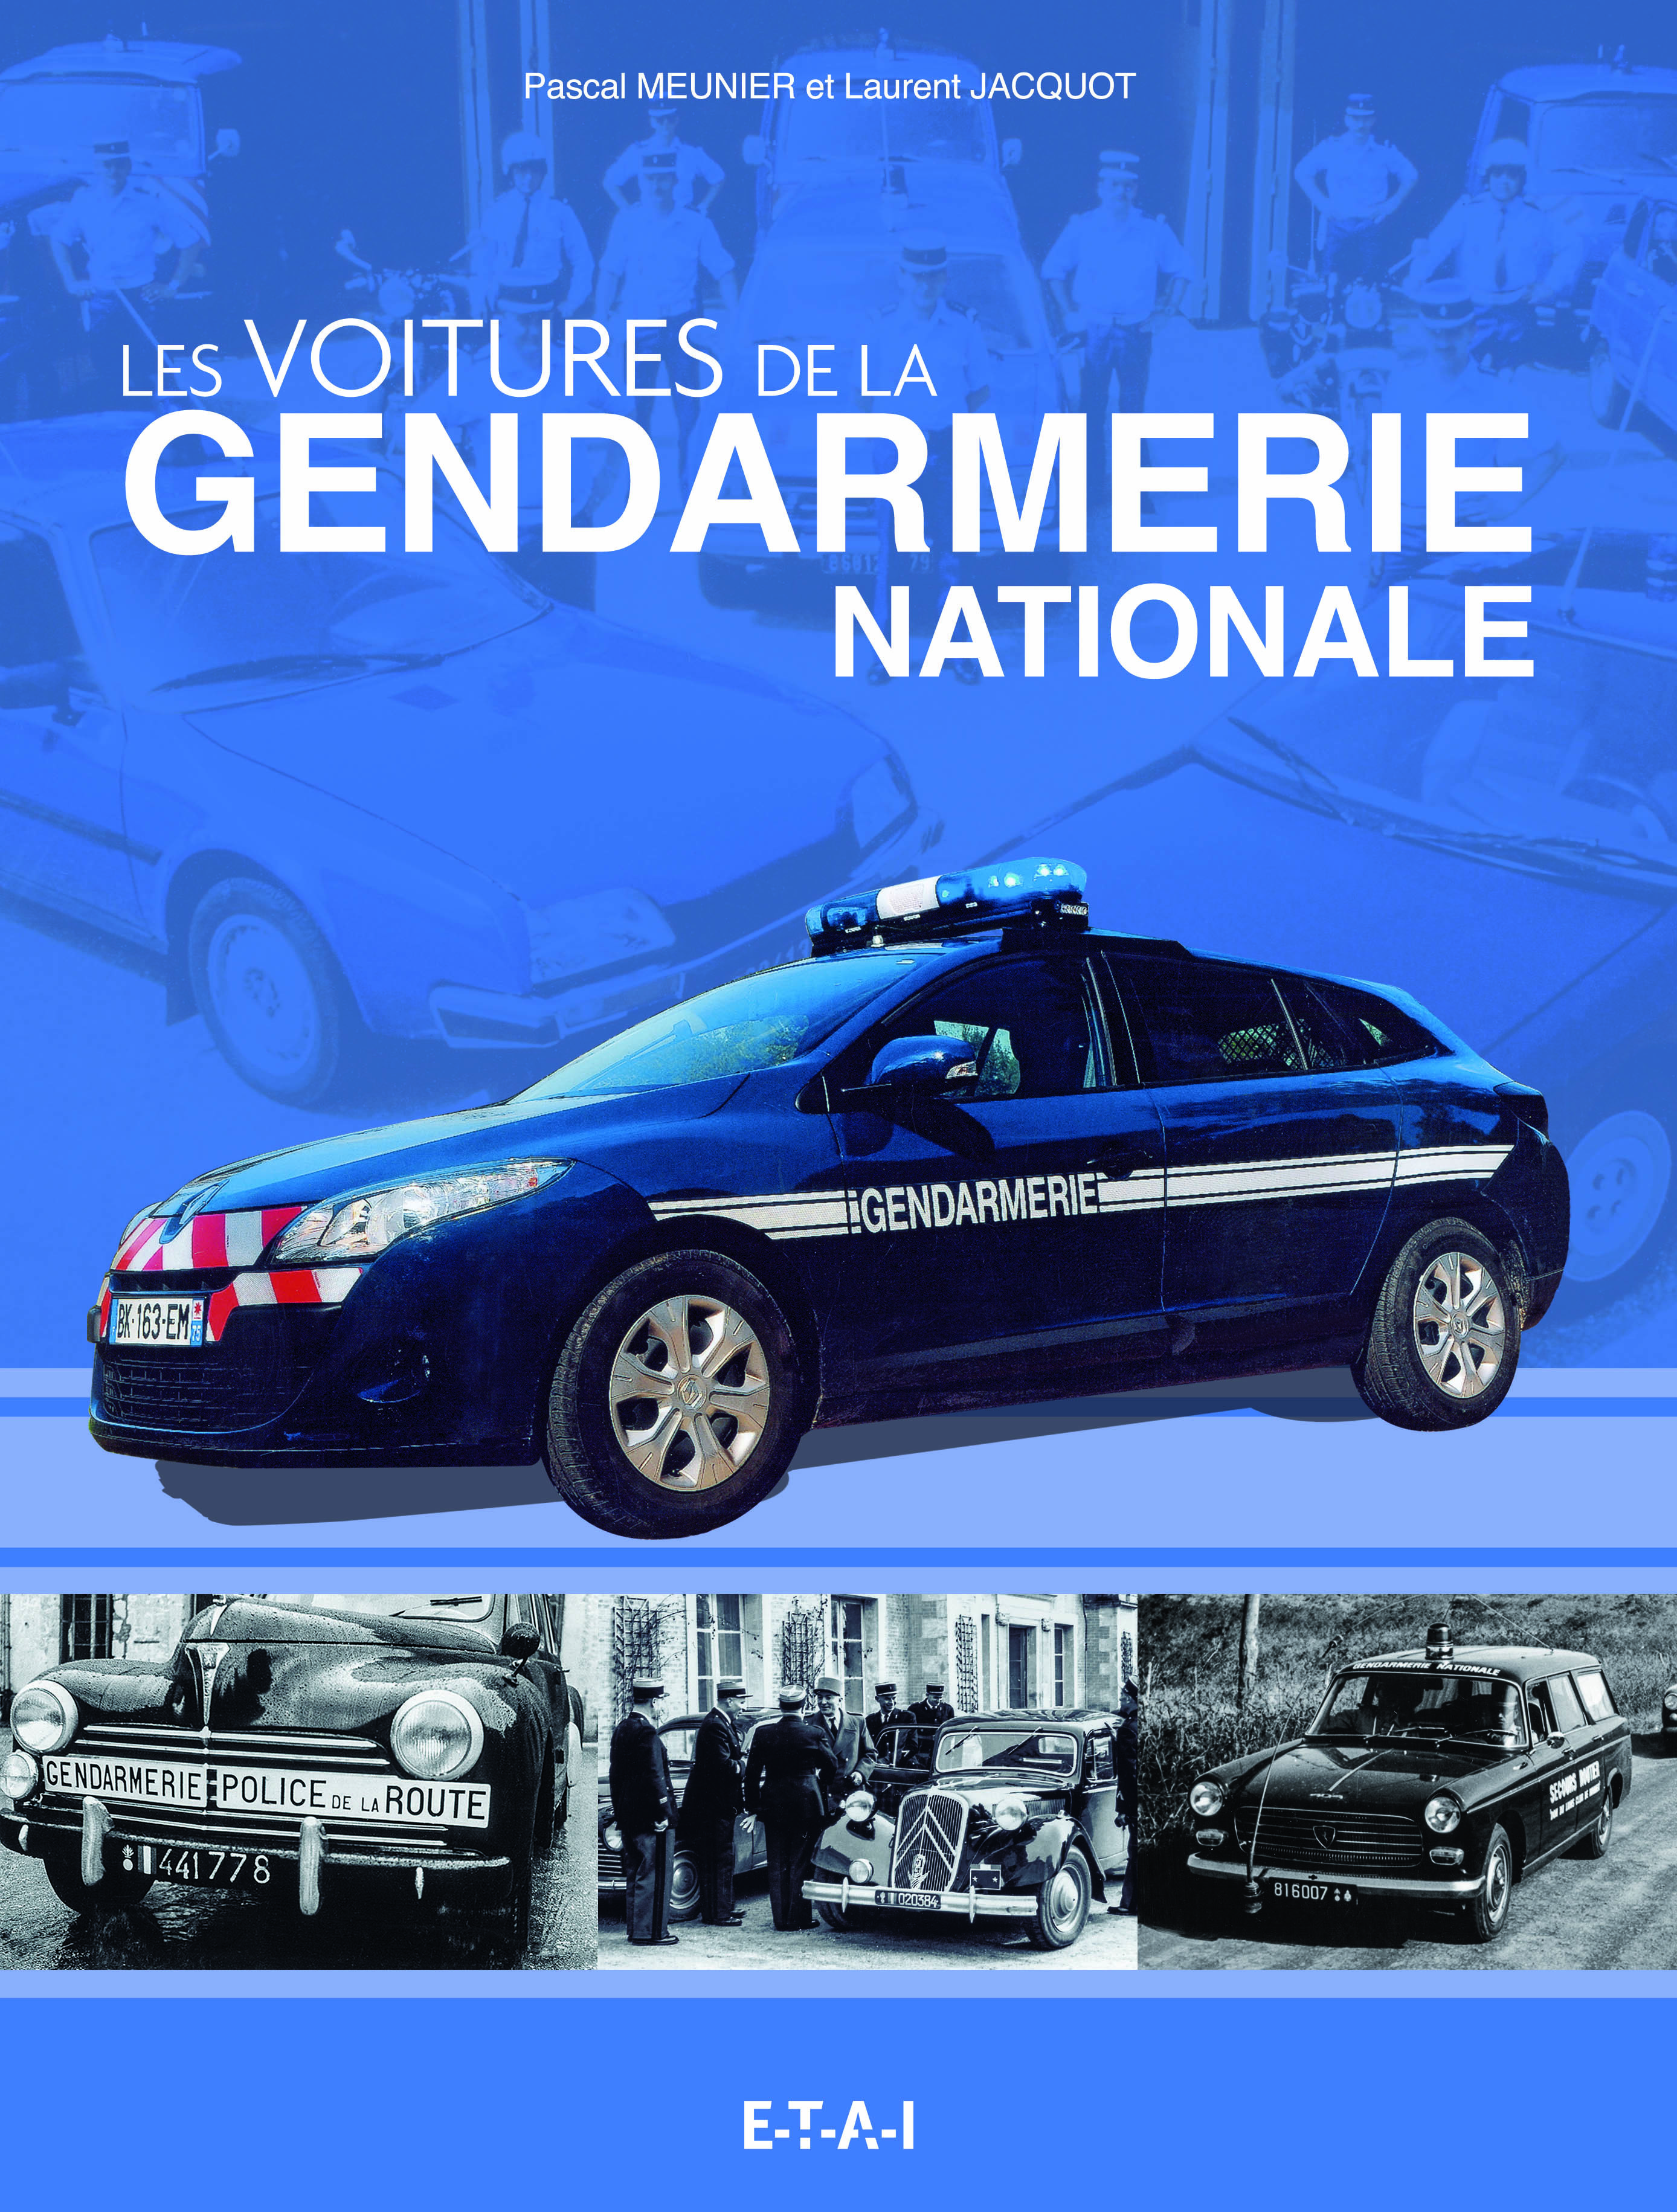 LES VEHICULES DE LA GENDARMERIE NATIONALE